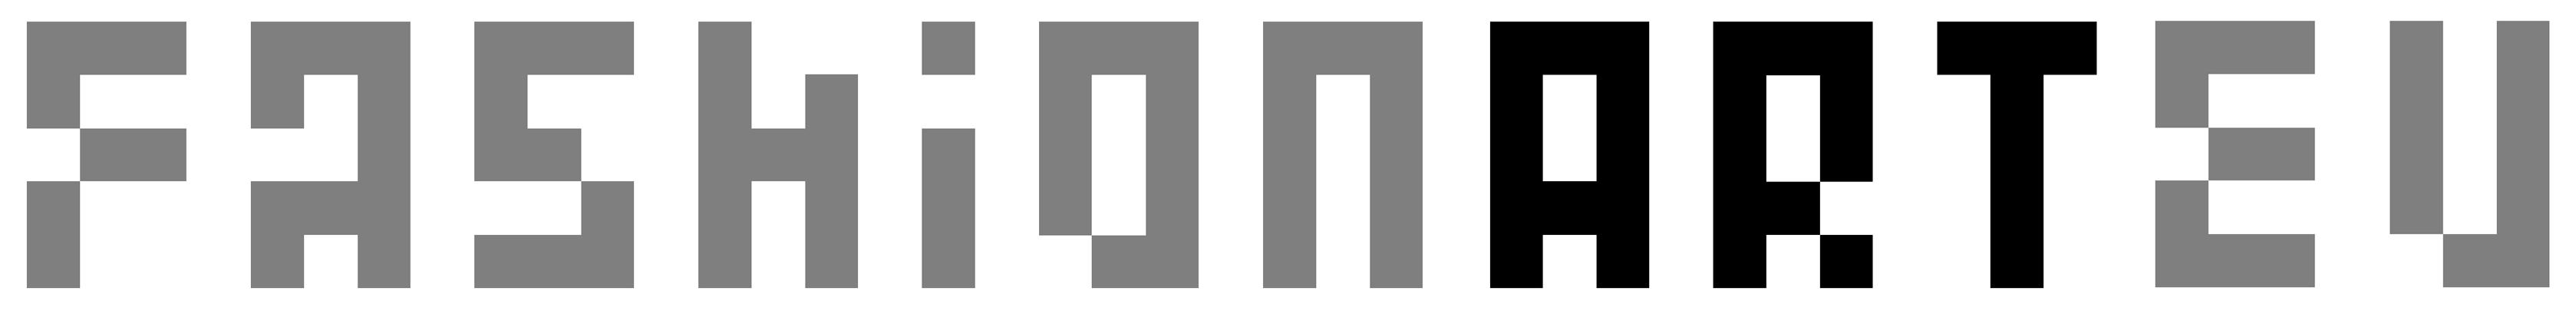 Fashion_Art_EU_logo